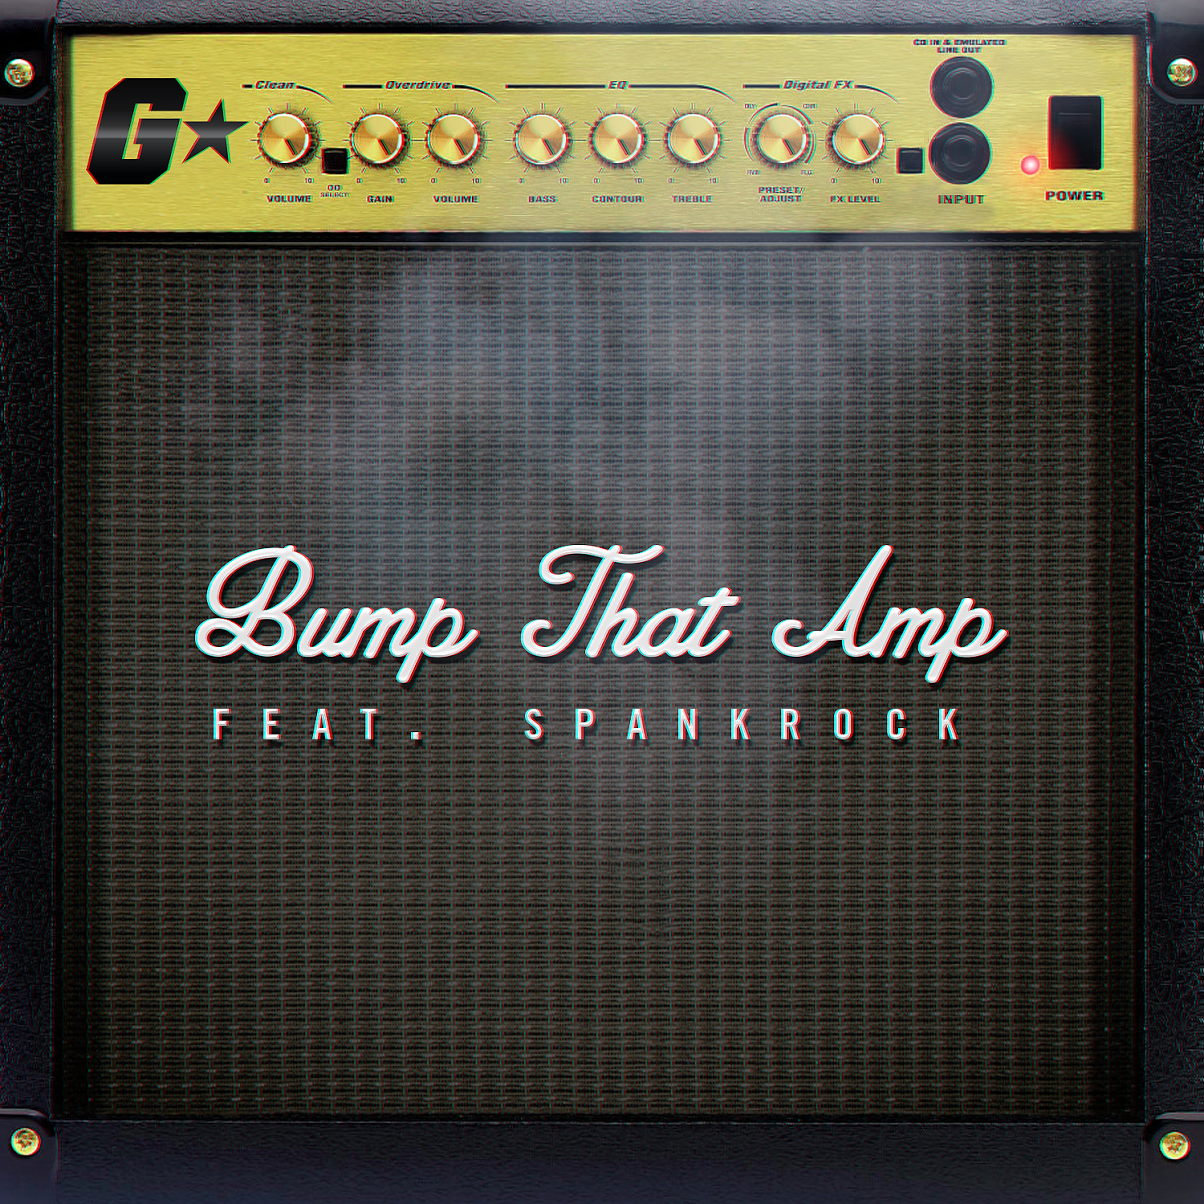 spank rock bump best fwends